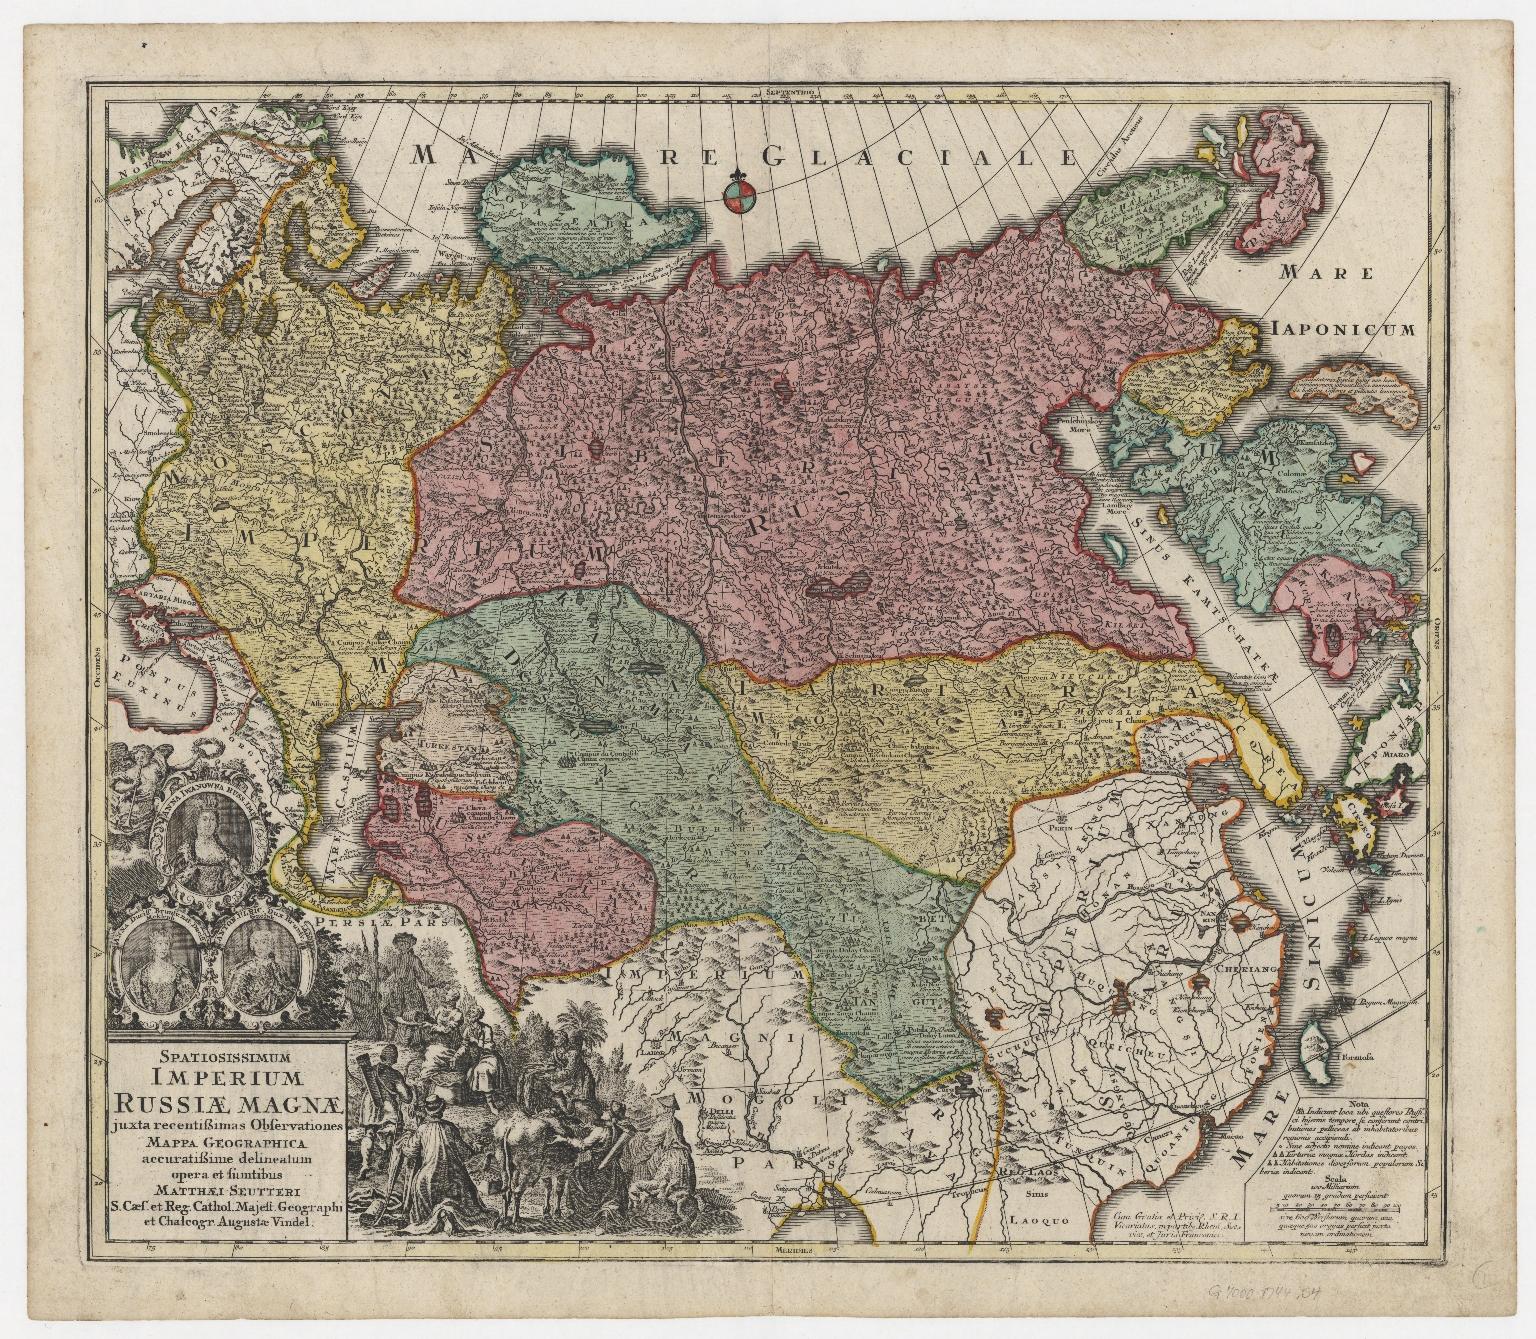 Spatiosissimum imperium Russiæ Magnæ, iuxta recentissimas observationes, mappa geographica accuratissime delineatum